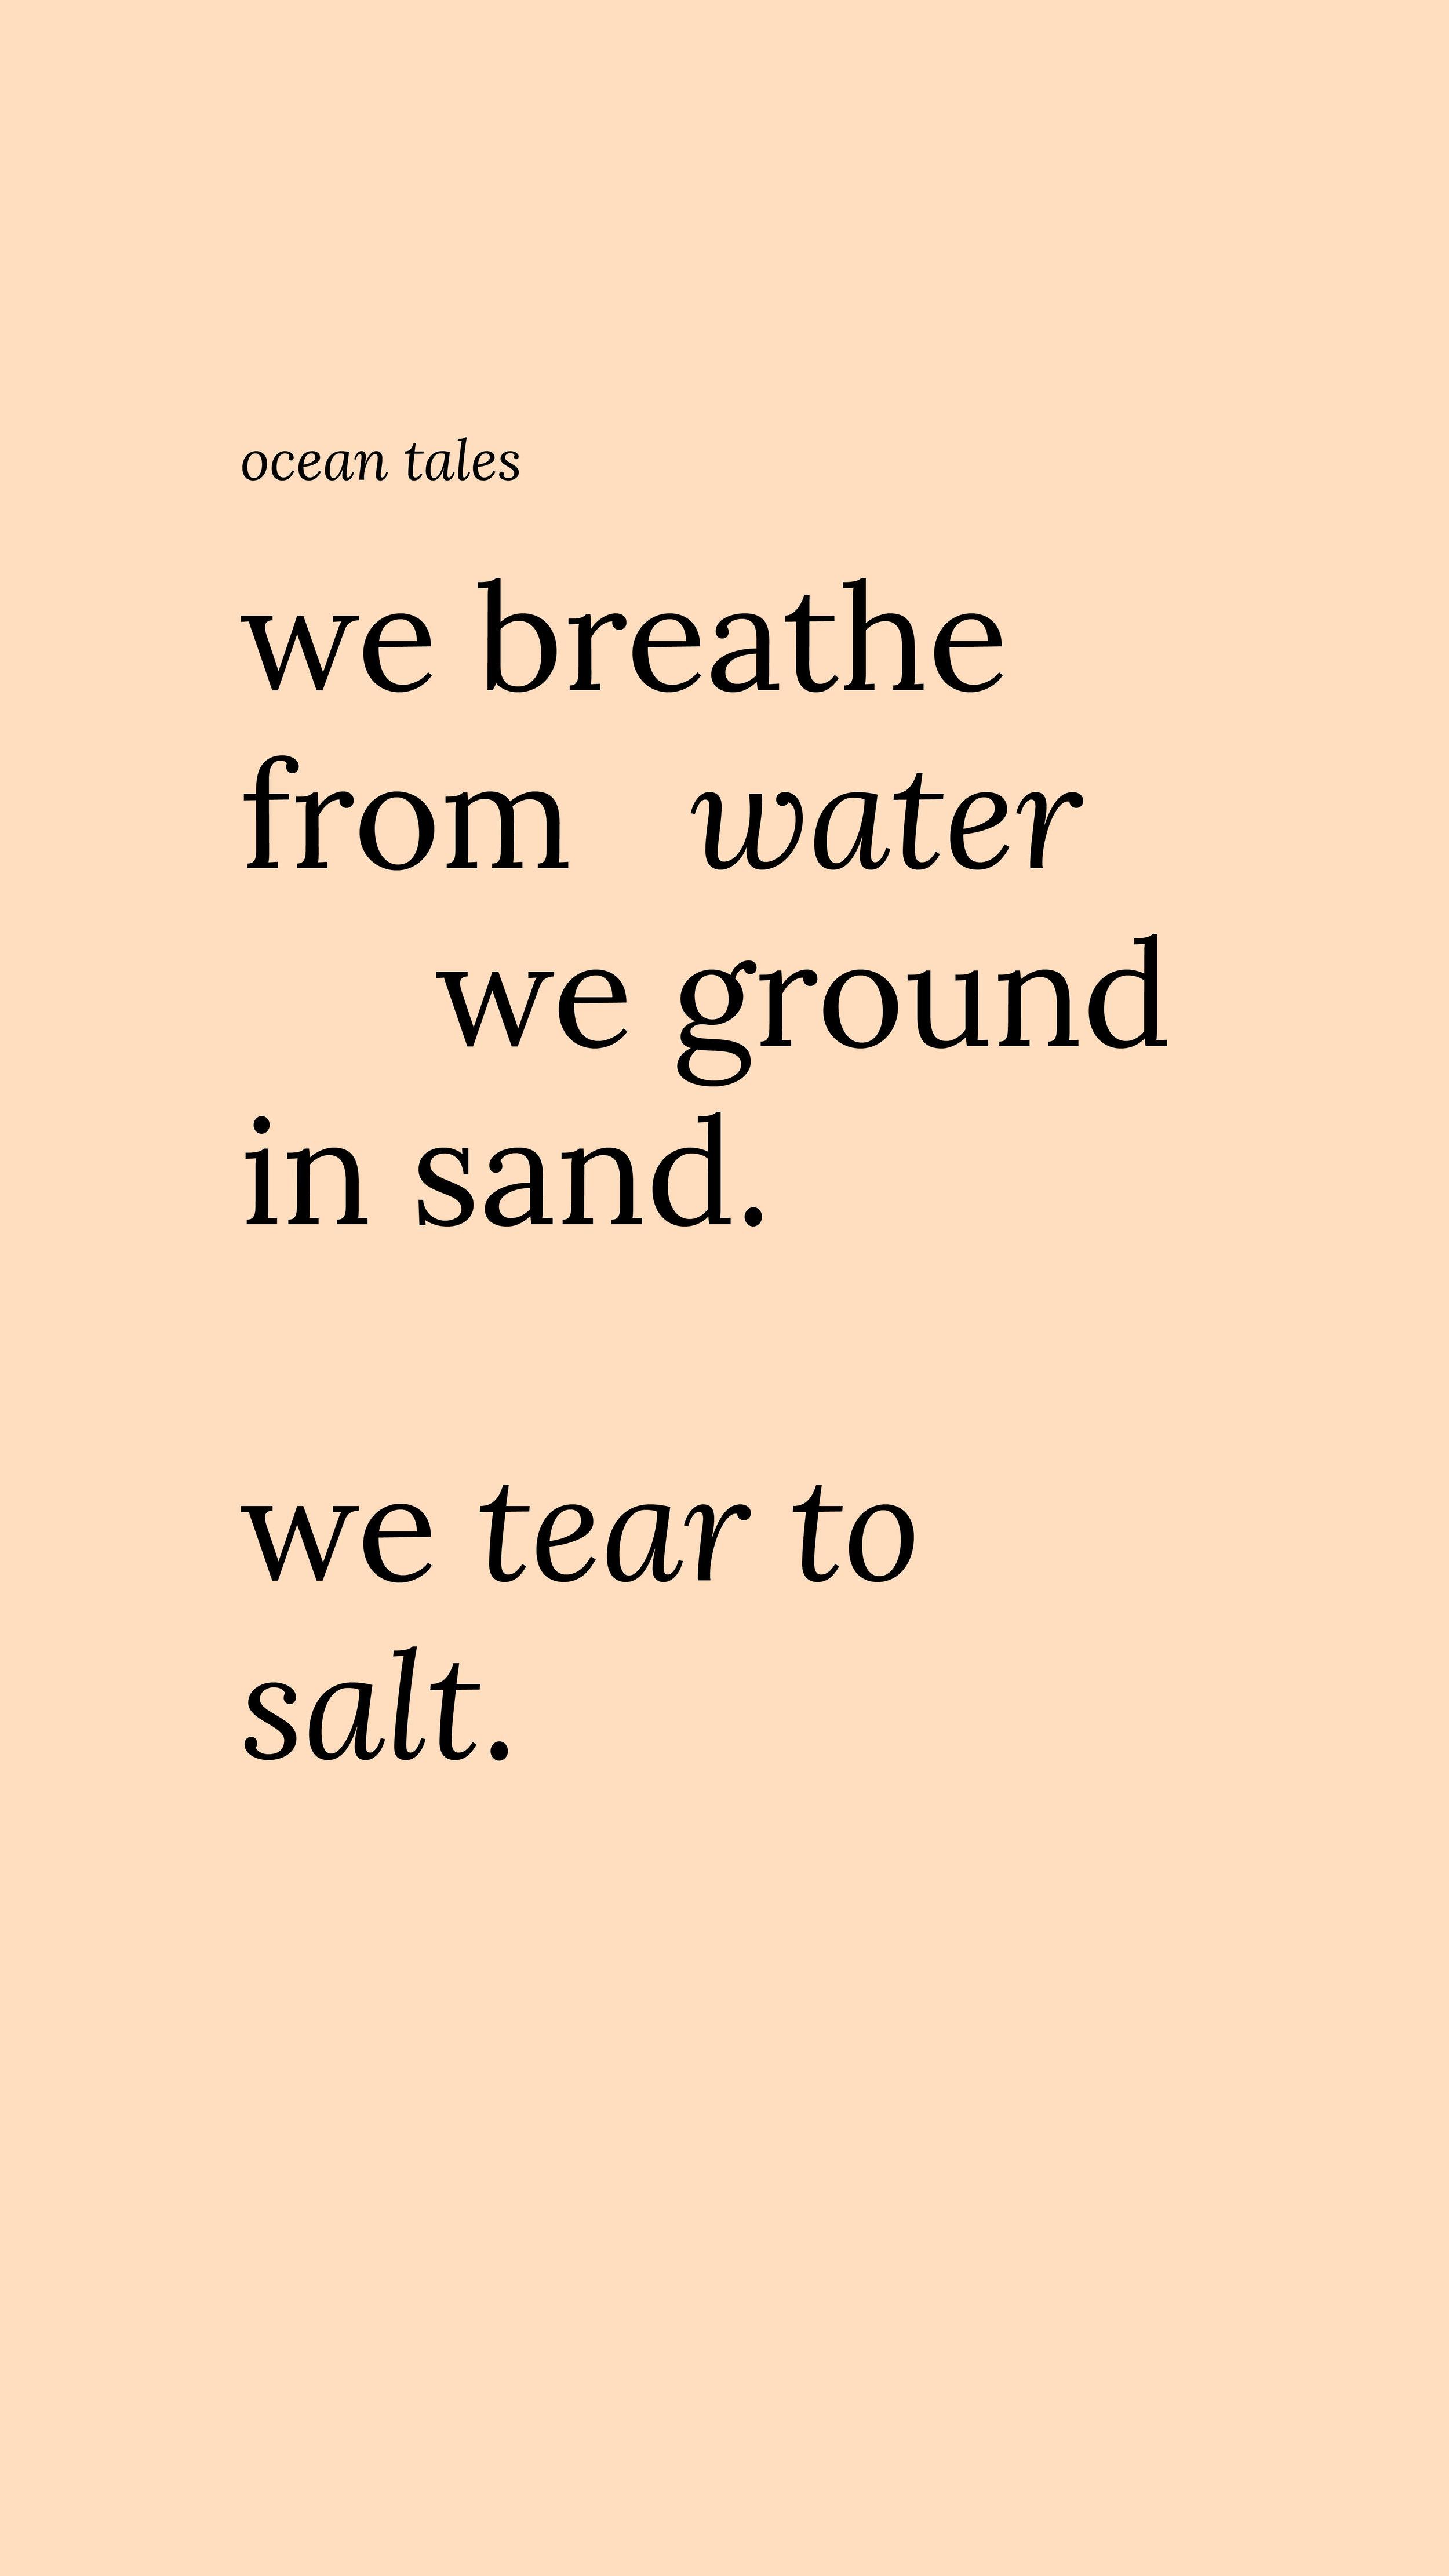 poem-oceantales-1.jpg